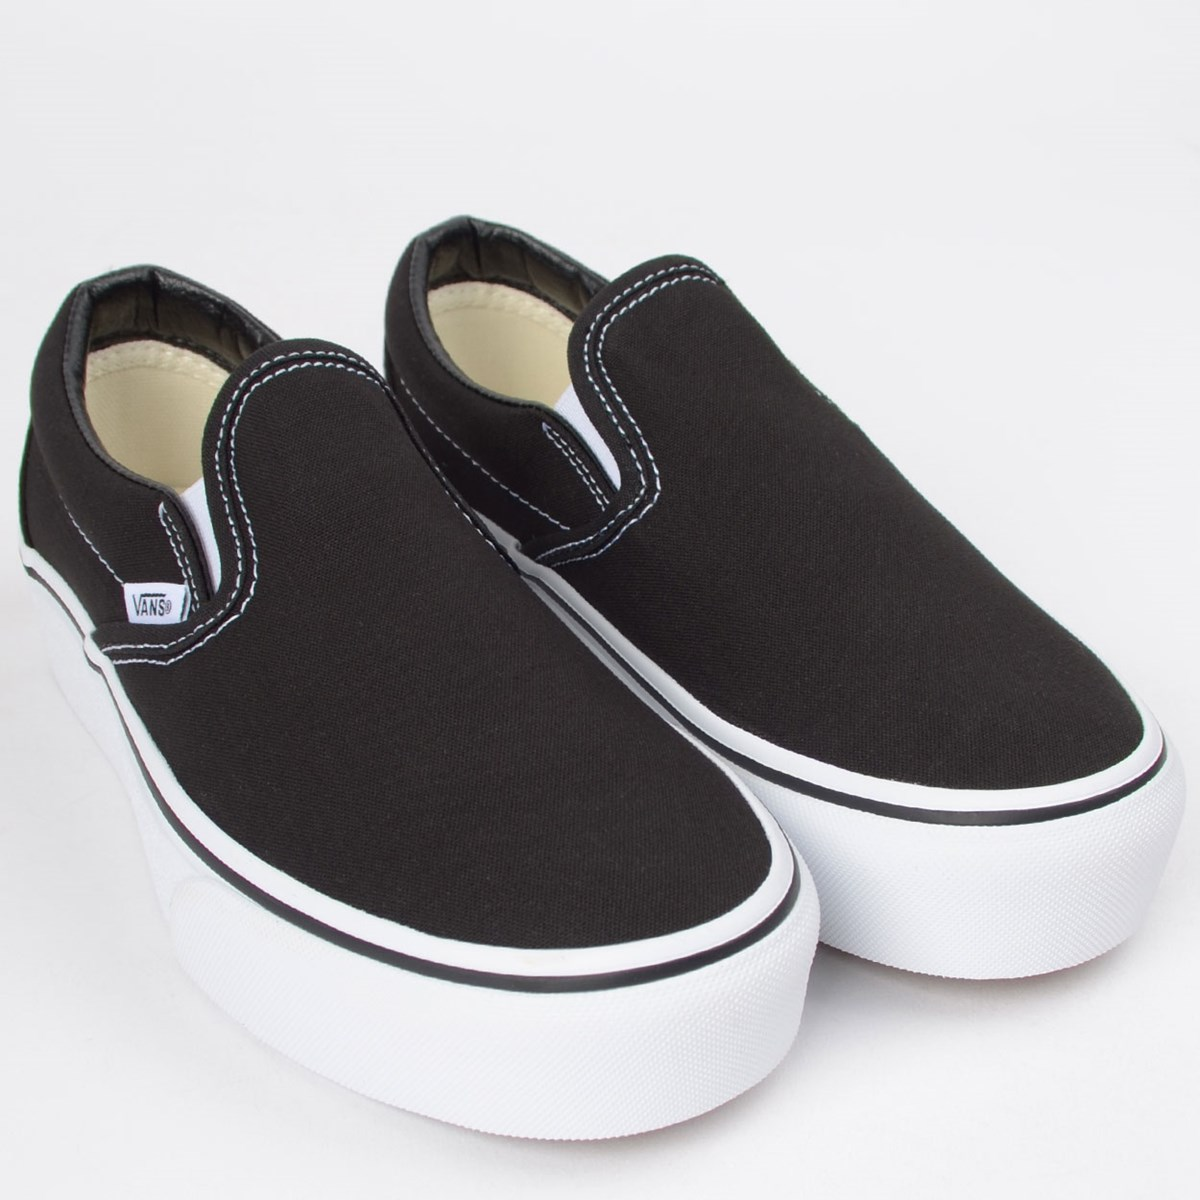 Tênis Vans Classic Slip On Platform Black VN00018EBLK